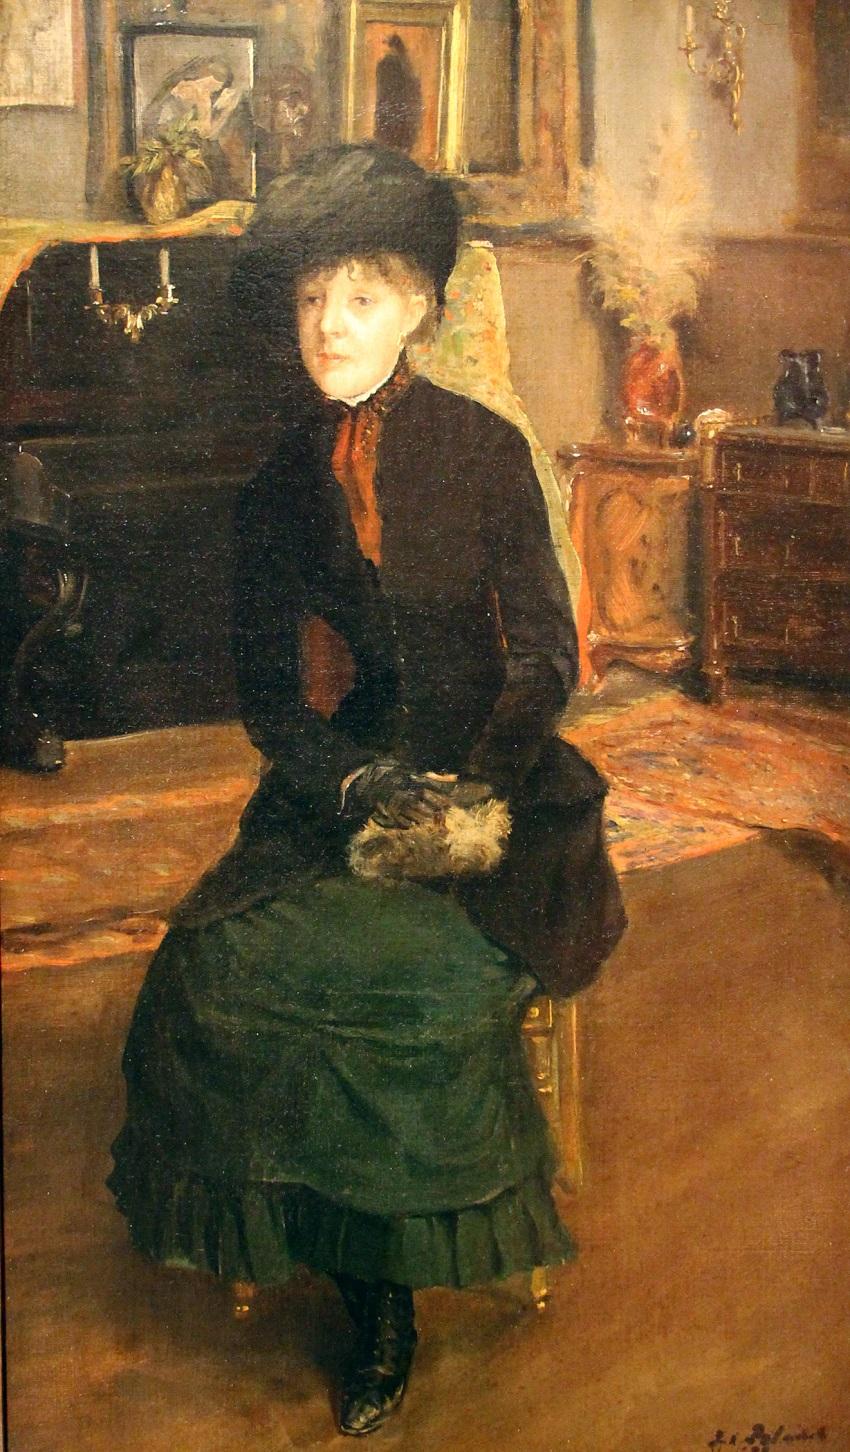 Jacques-émile_blanche,_ritratto_della_pittrice_mary_cassatt,_1885.